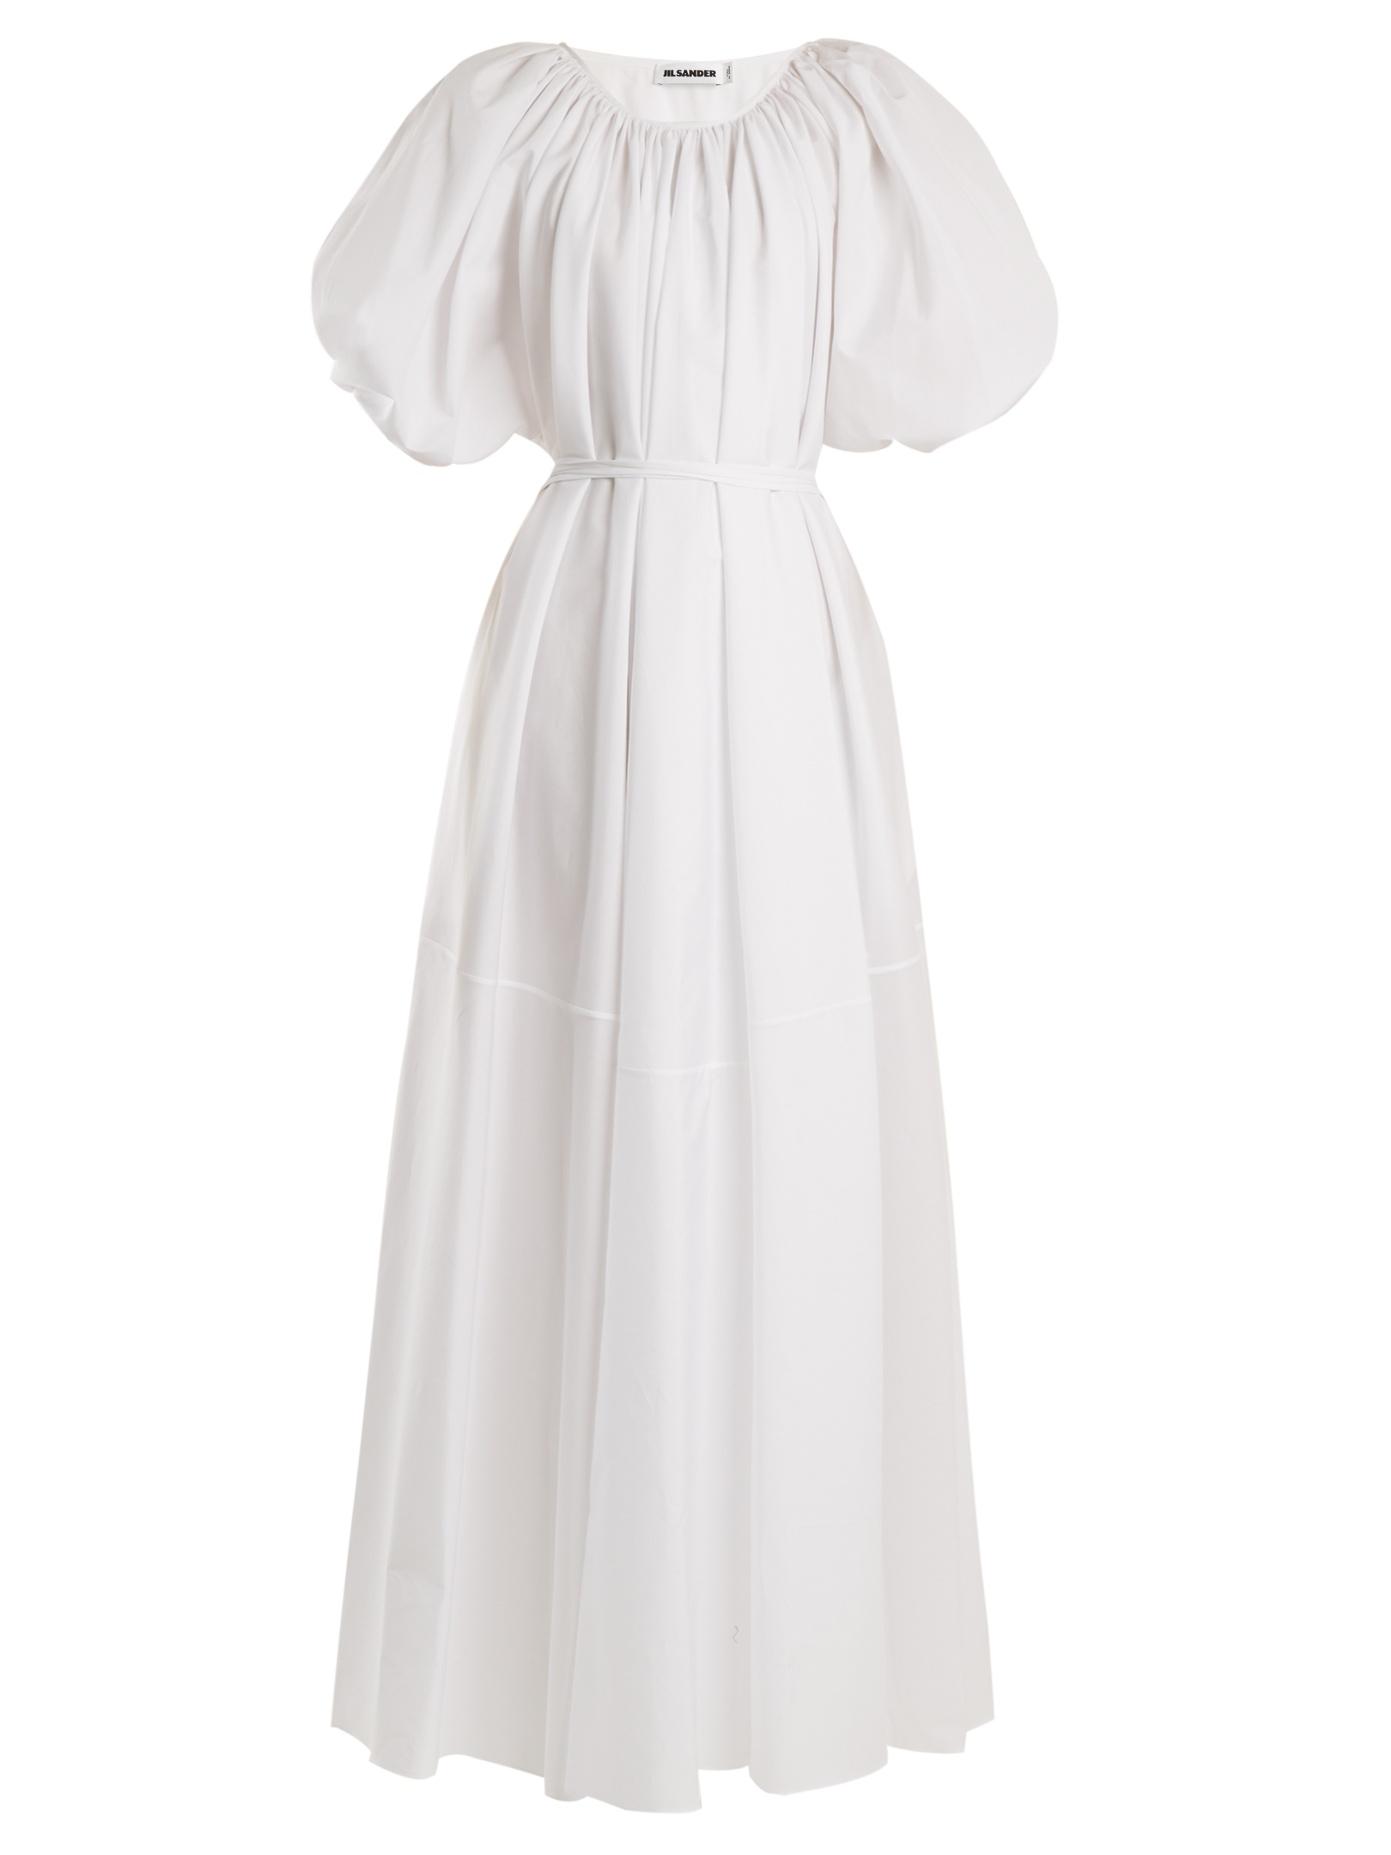 9b3c17219e6 Свадебные платья. Нестандартные варианты.